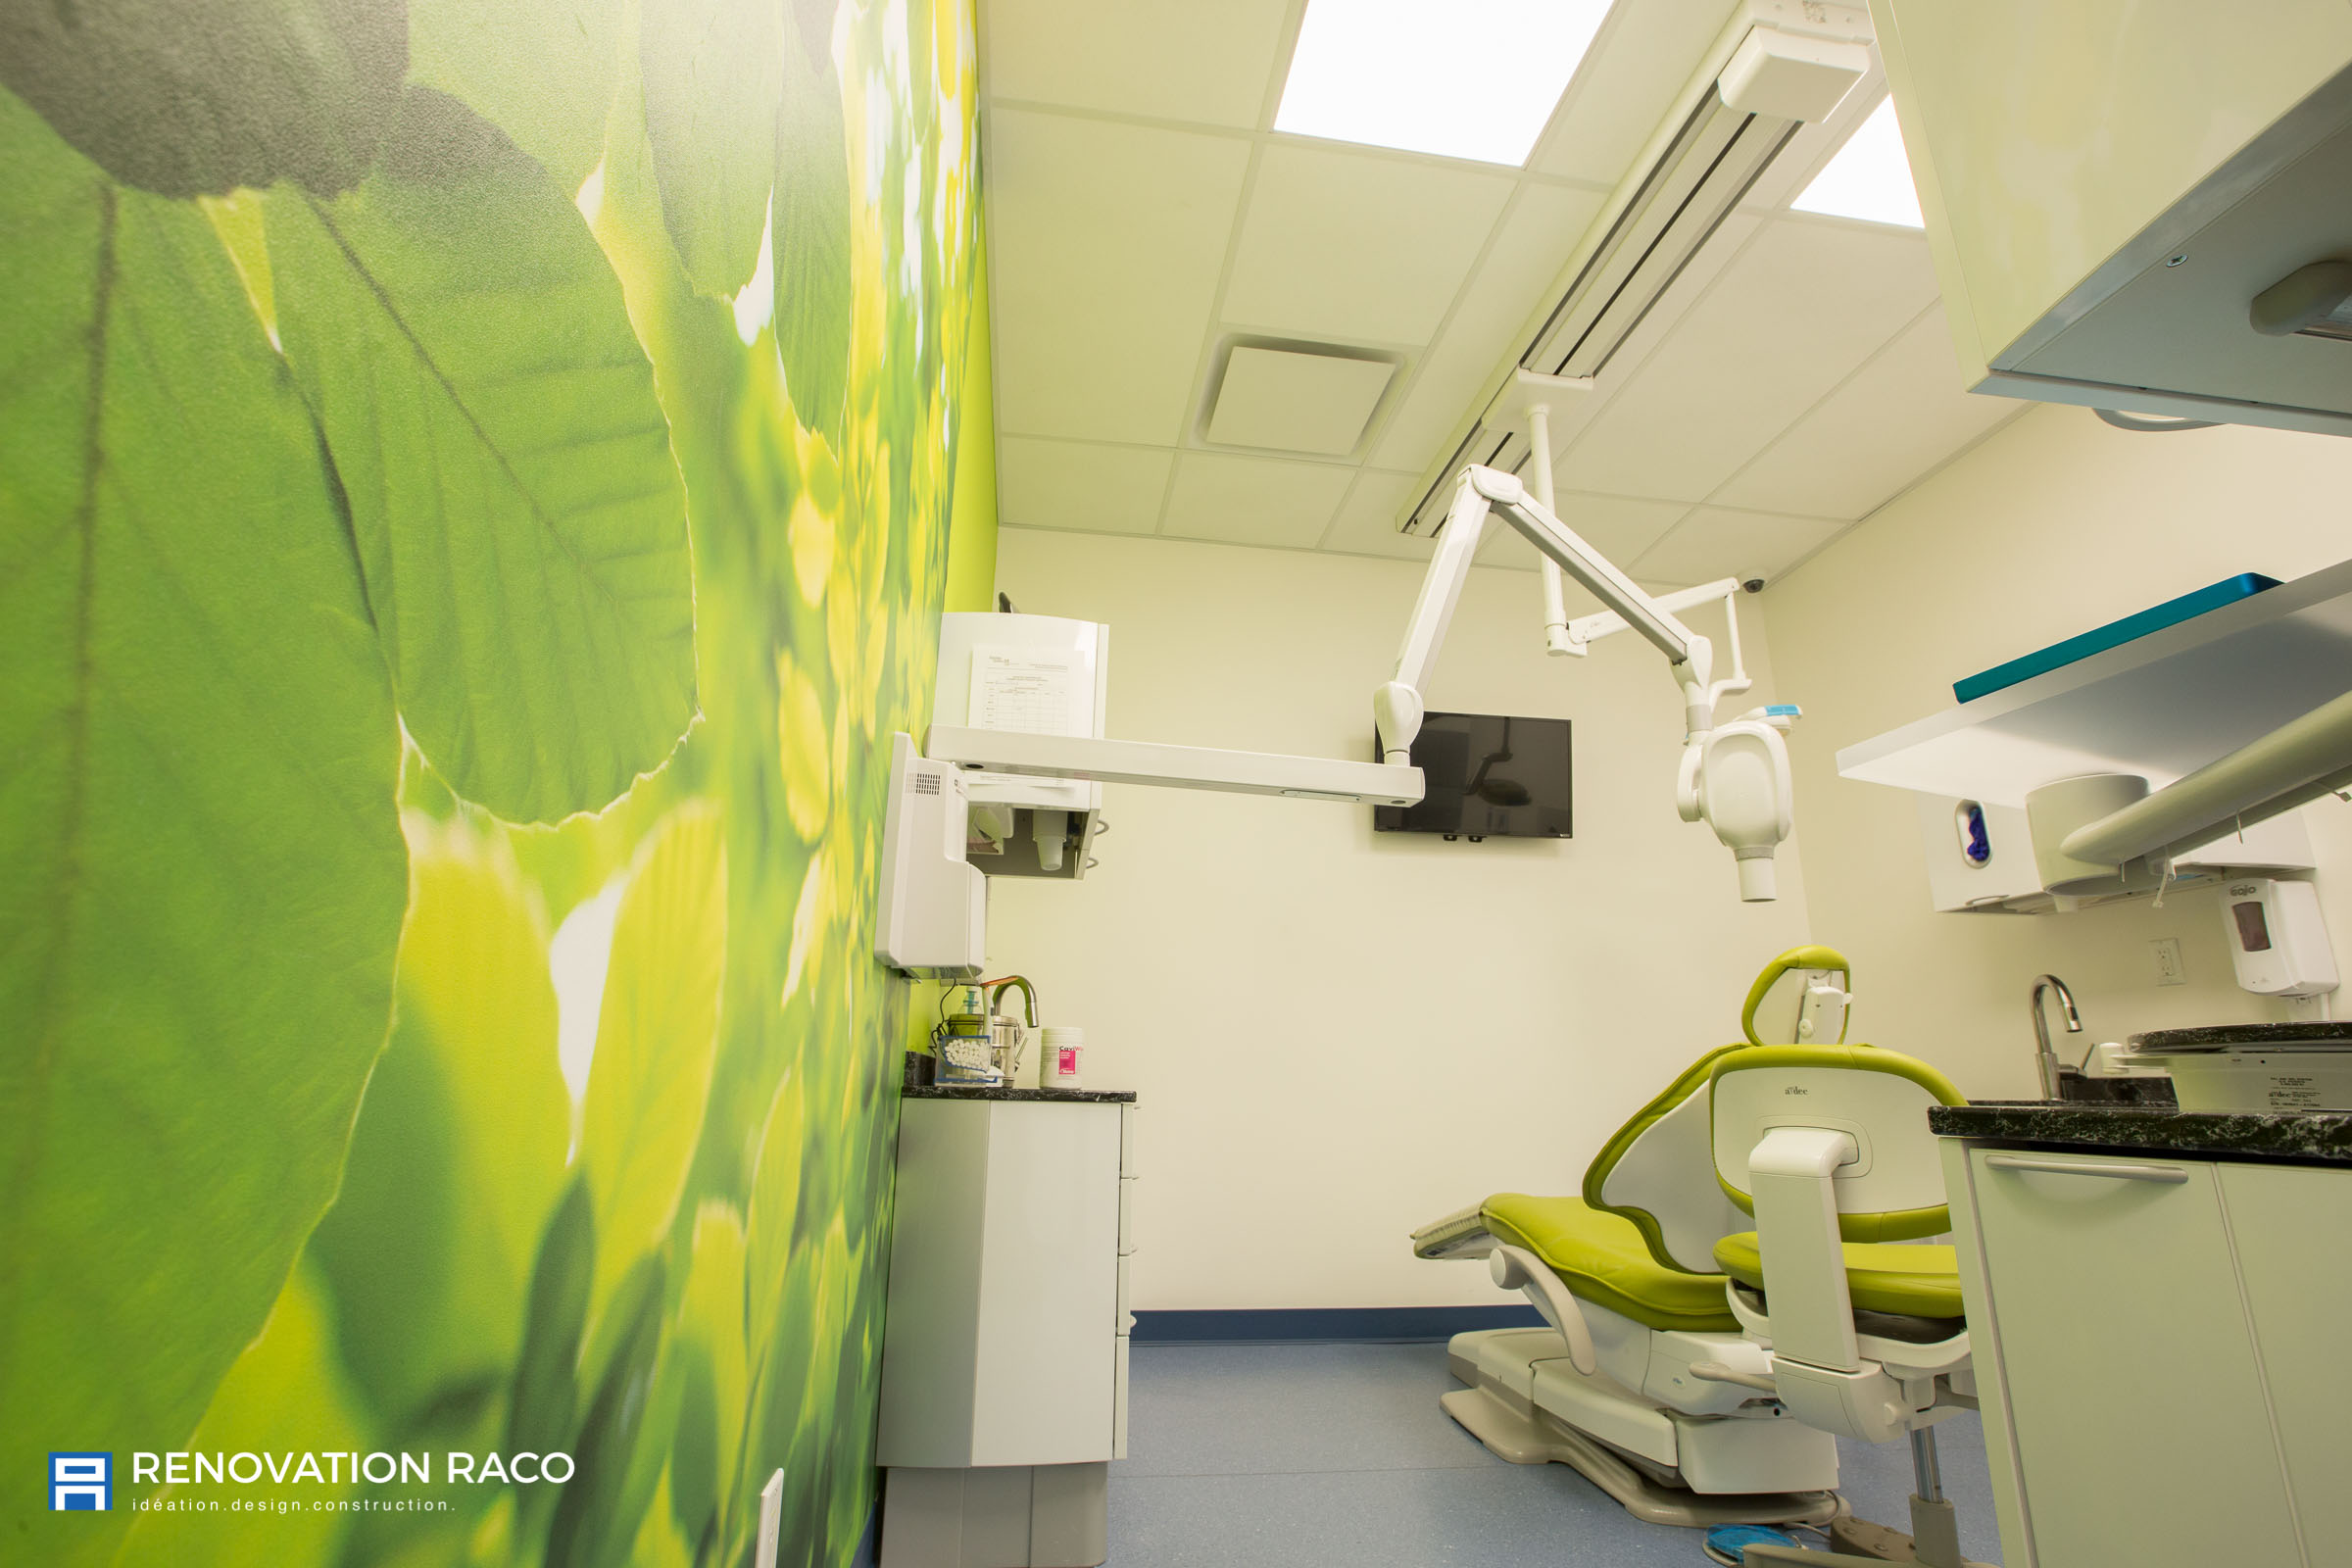 Renovation-Raco-Montreal-clinique Beydoun-09.jpg